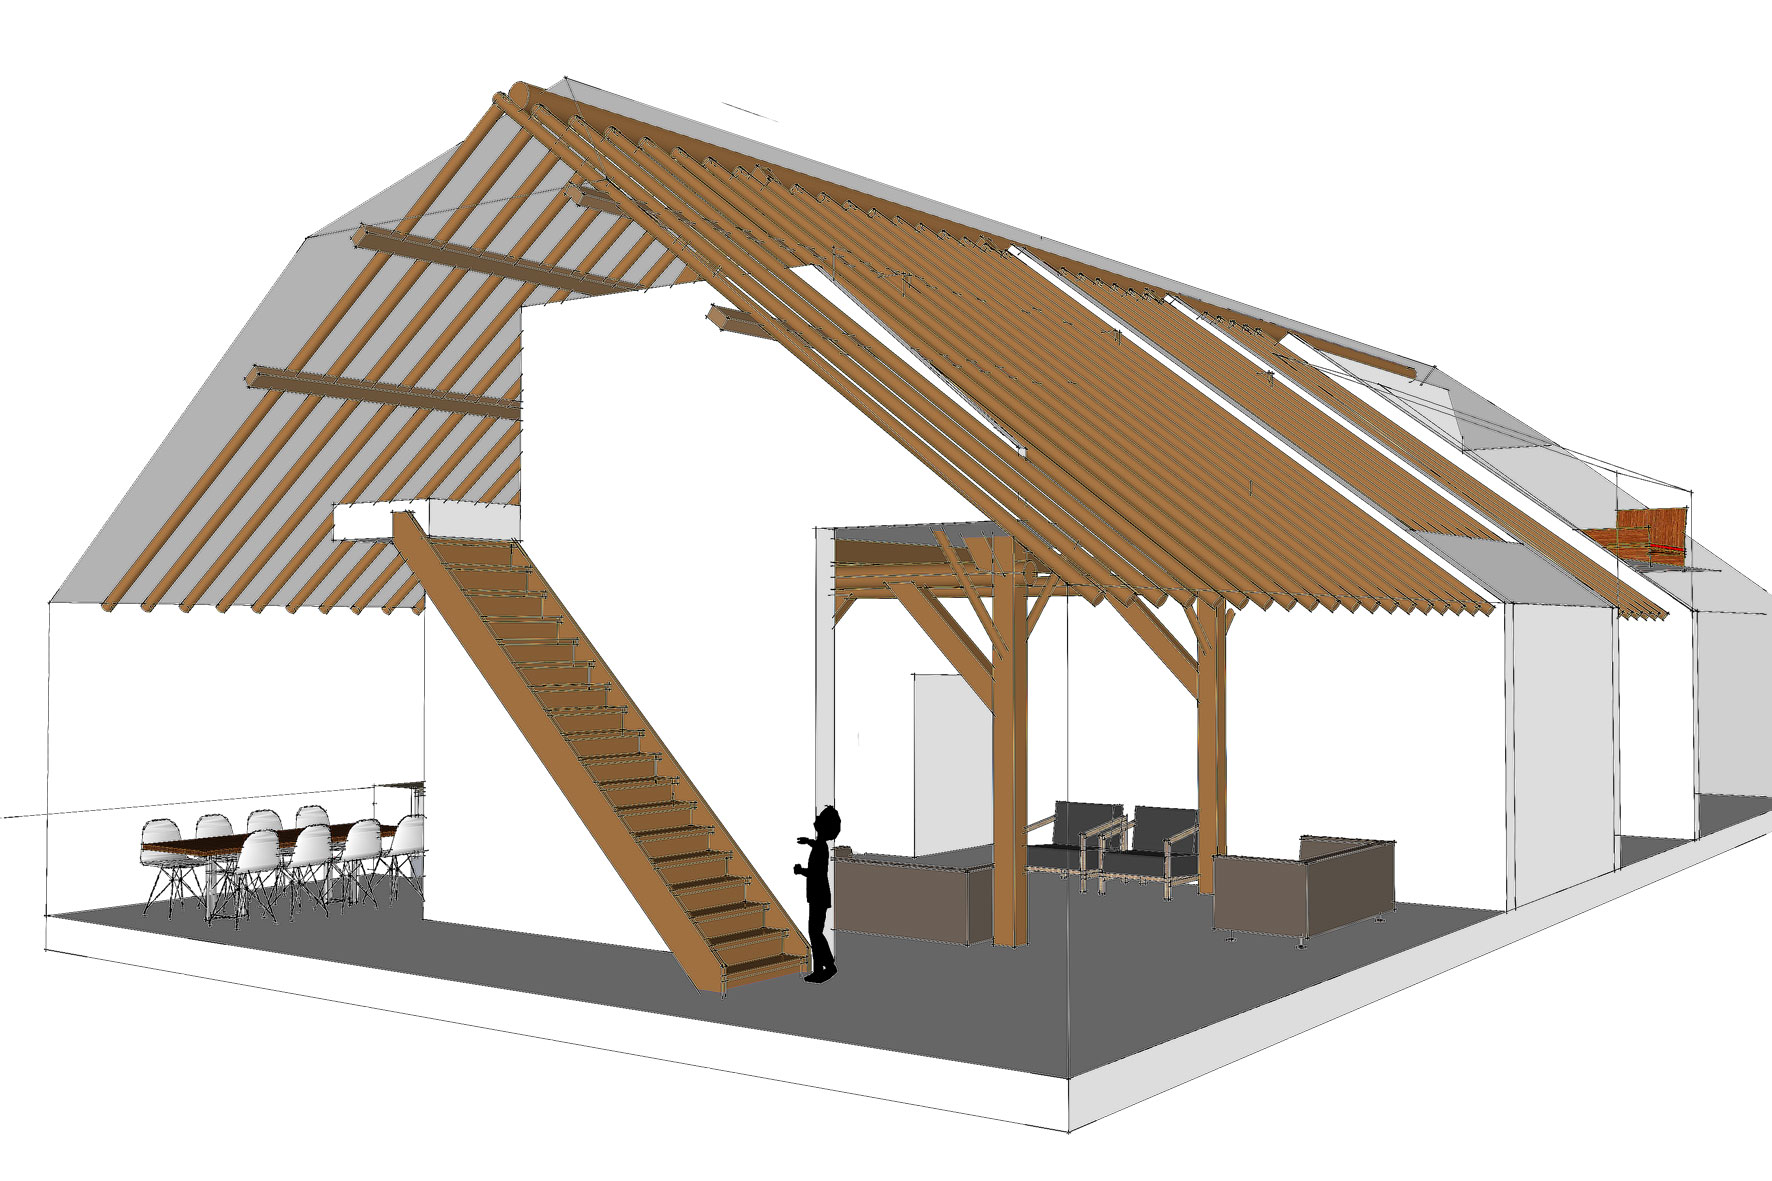 A&R10   Architectuur & Restauratie   Zeist, Maarn, Utrechtse Heuvelrug   Interieurontwerp voor een historische boerderij